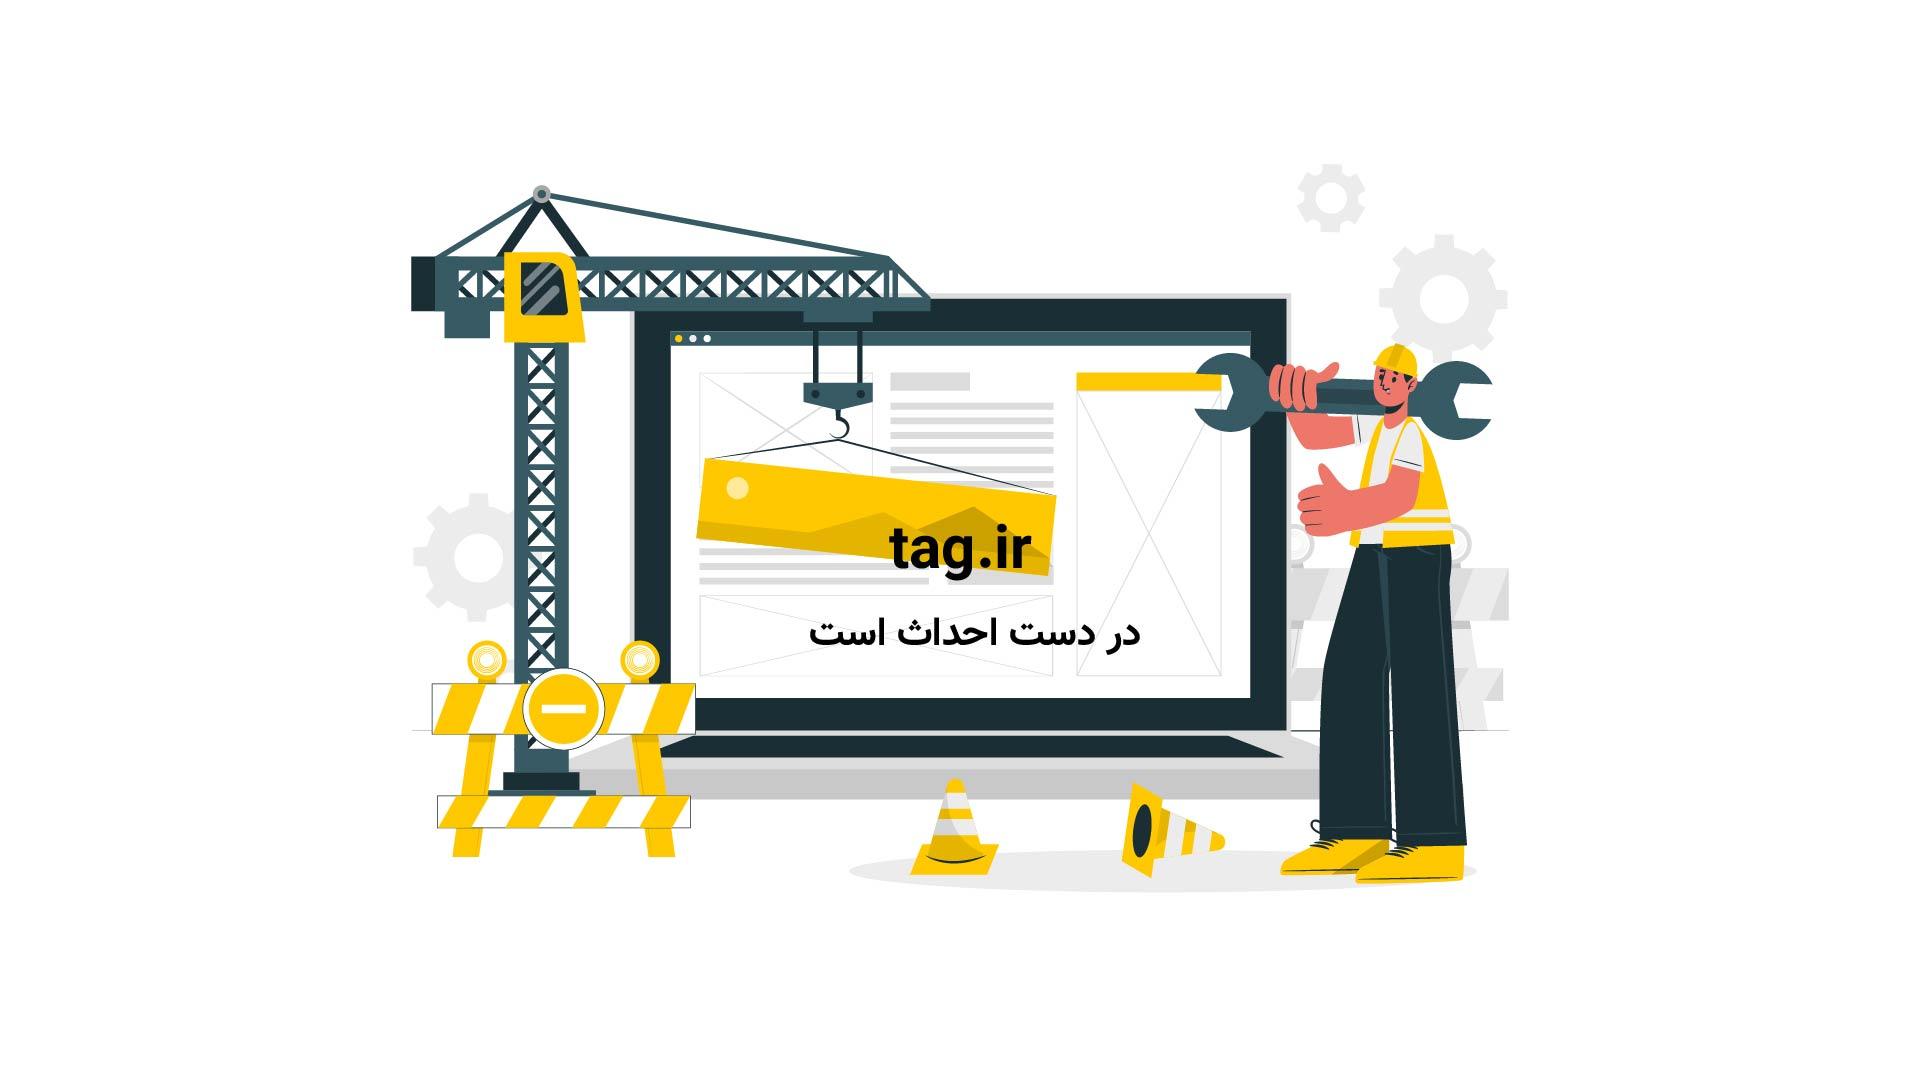 قلعه تاریخی کنجانچم از آثار تاریخی دوره قاجار در استان ایلام | فیلم